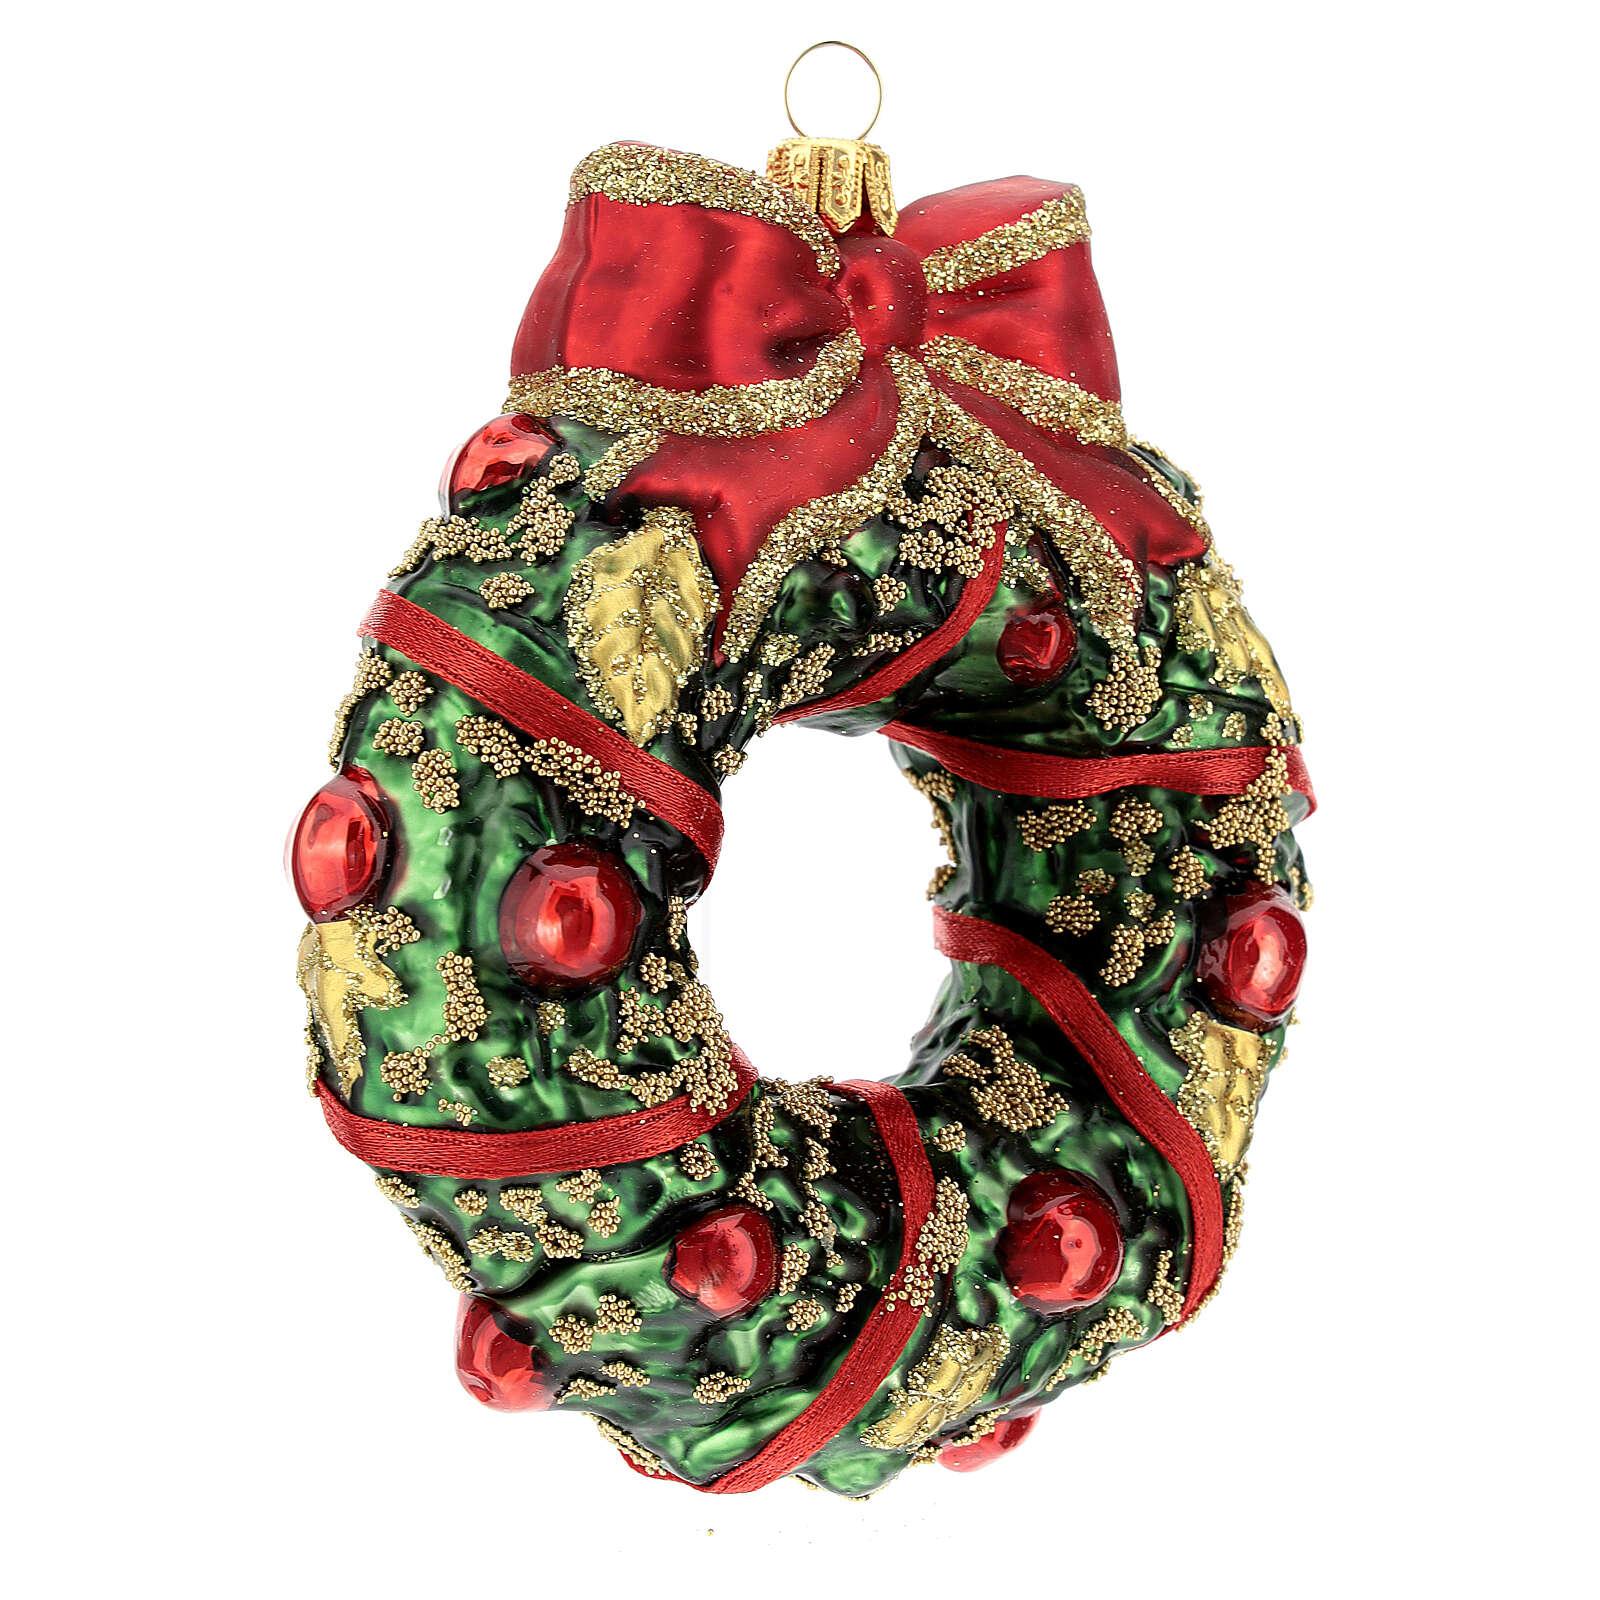 Ghirlanda natalizia vetro soffiato decoro albero Natale 4